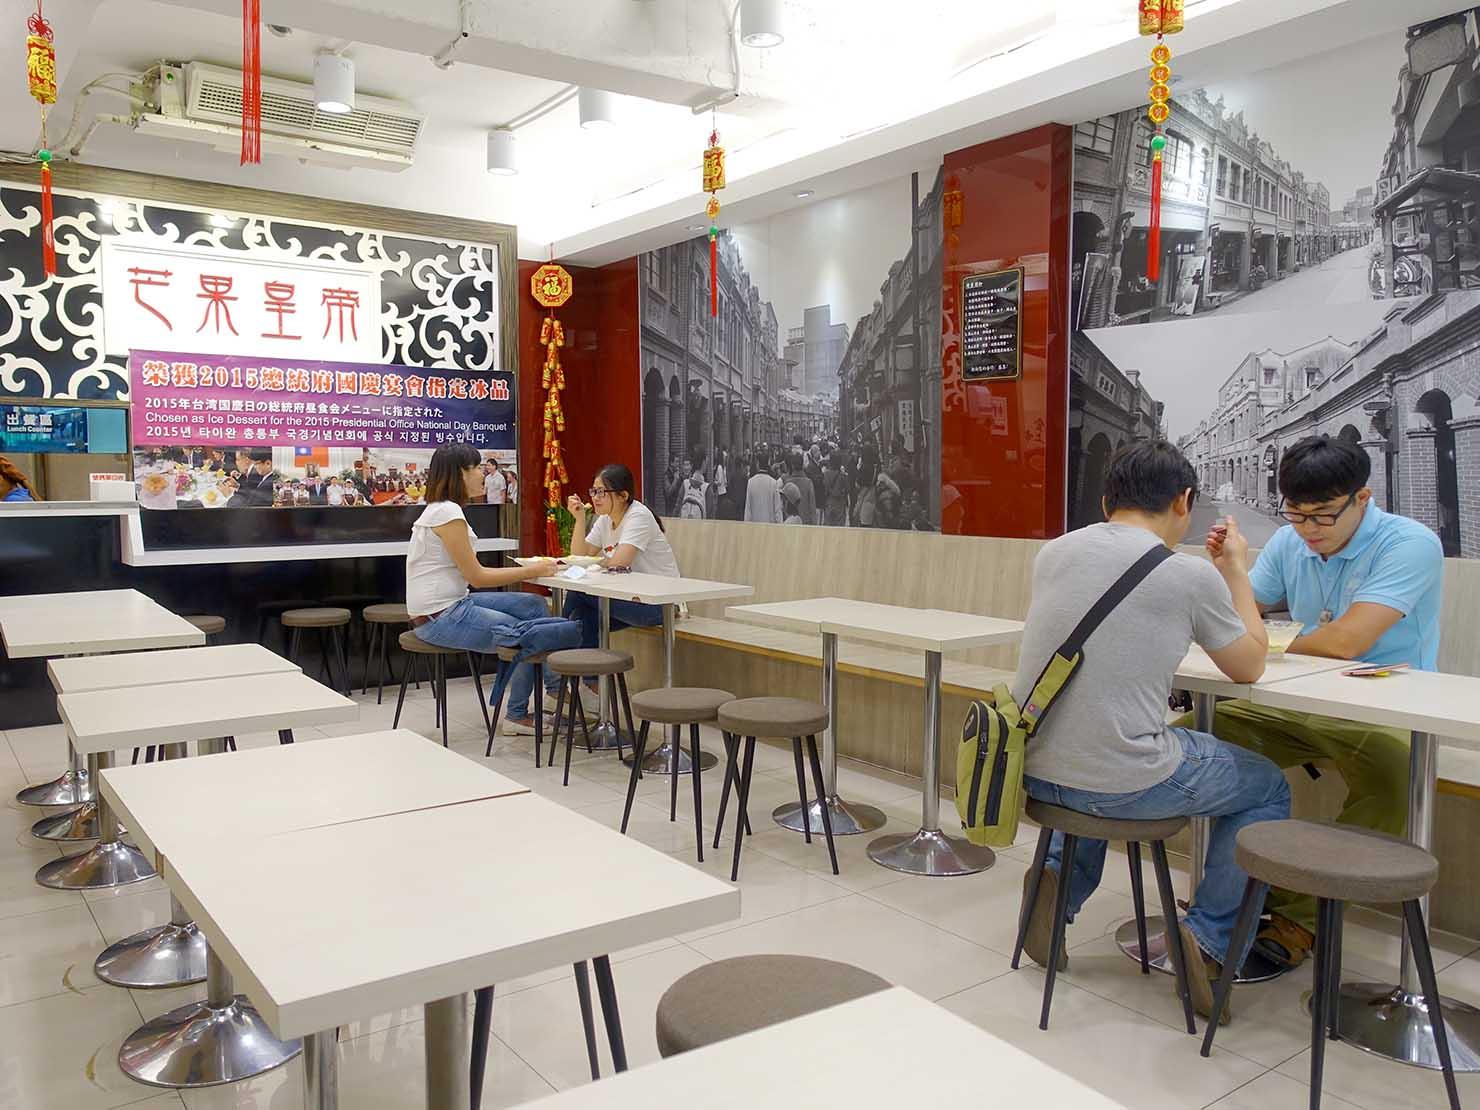 台北・永康街のおすすめグルメ店「芒果皇帝 King Mango」の店内